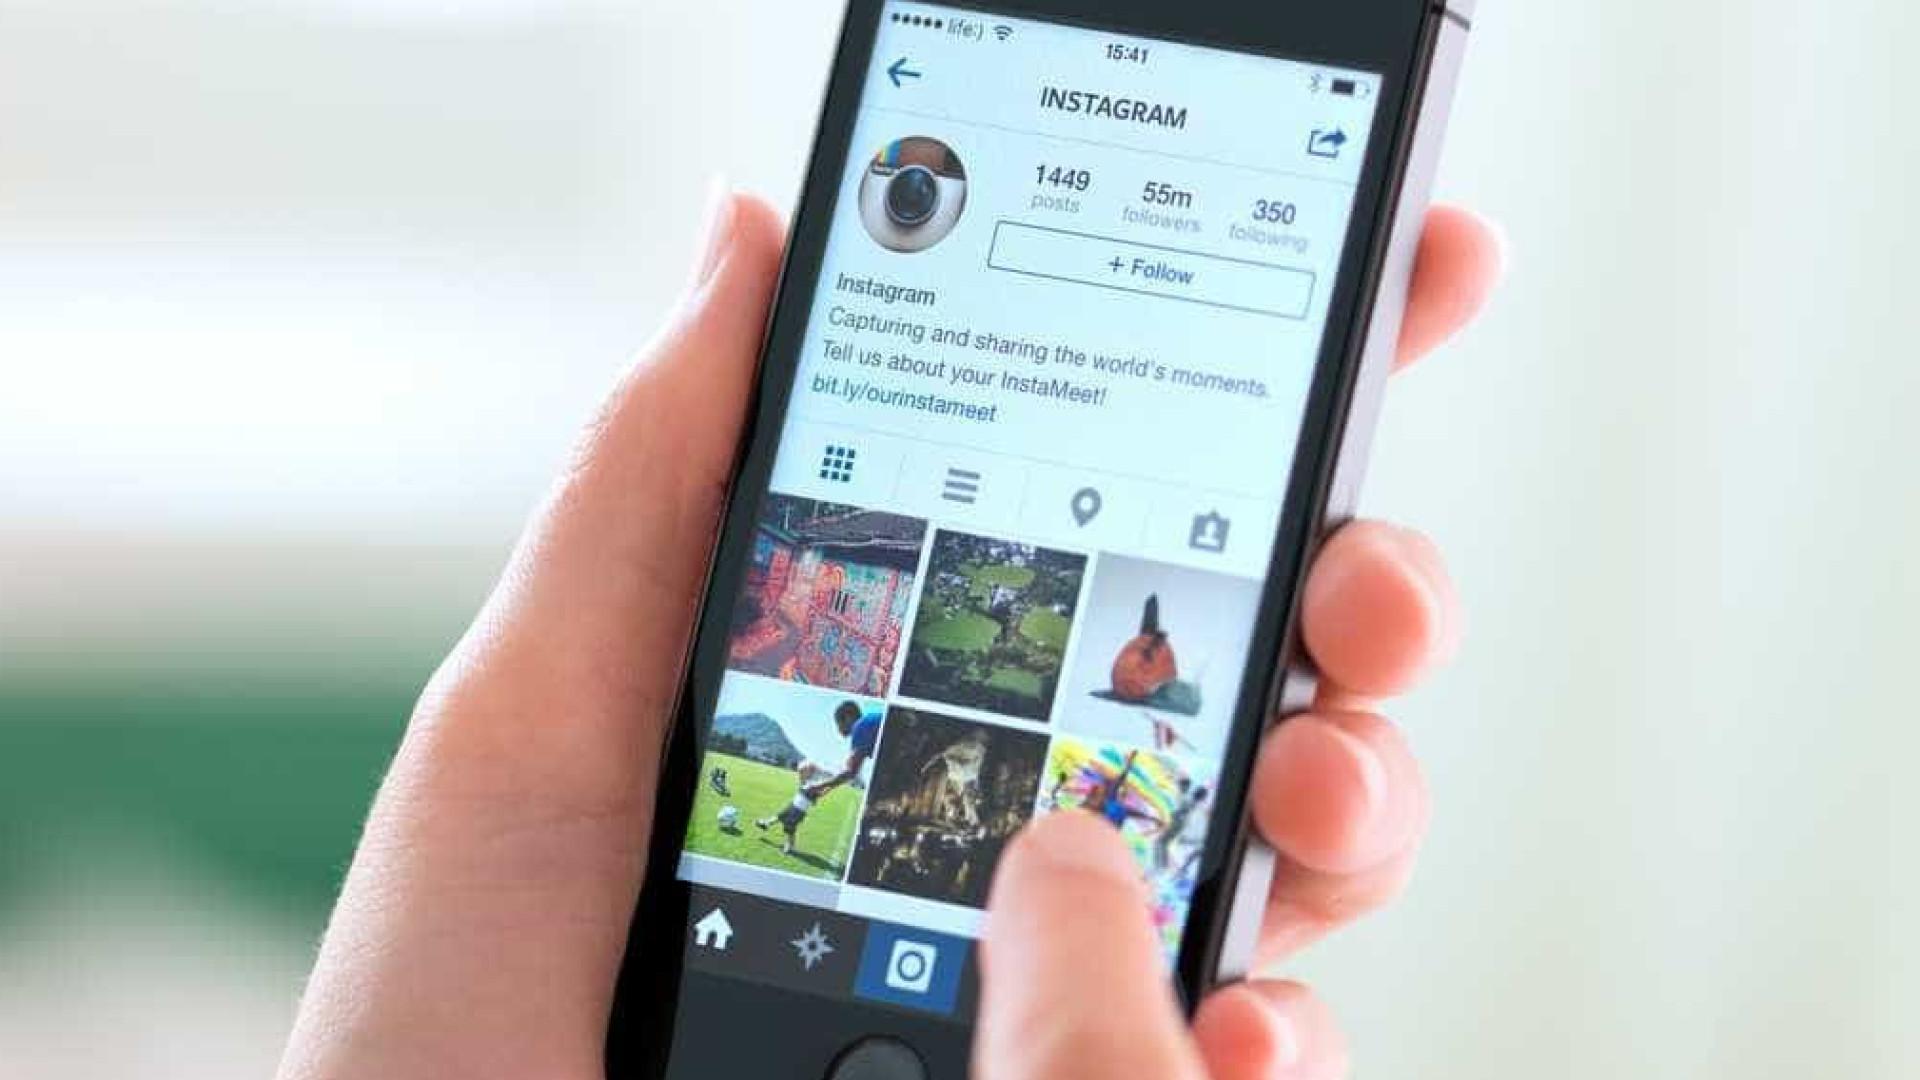 Esconder likes? Instagram pondera alternativa após polêmicas